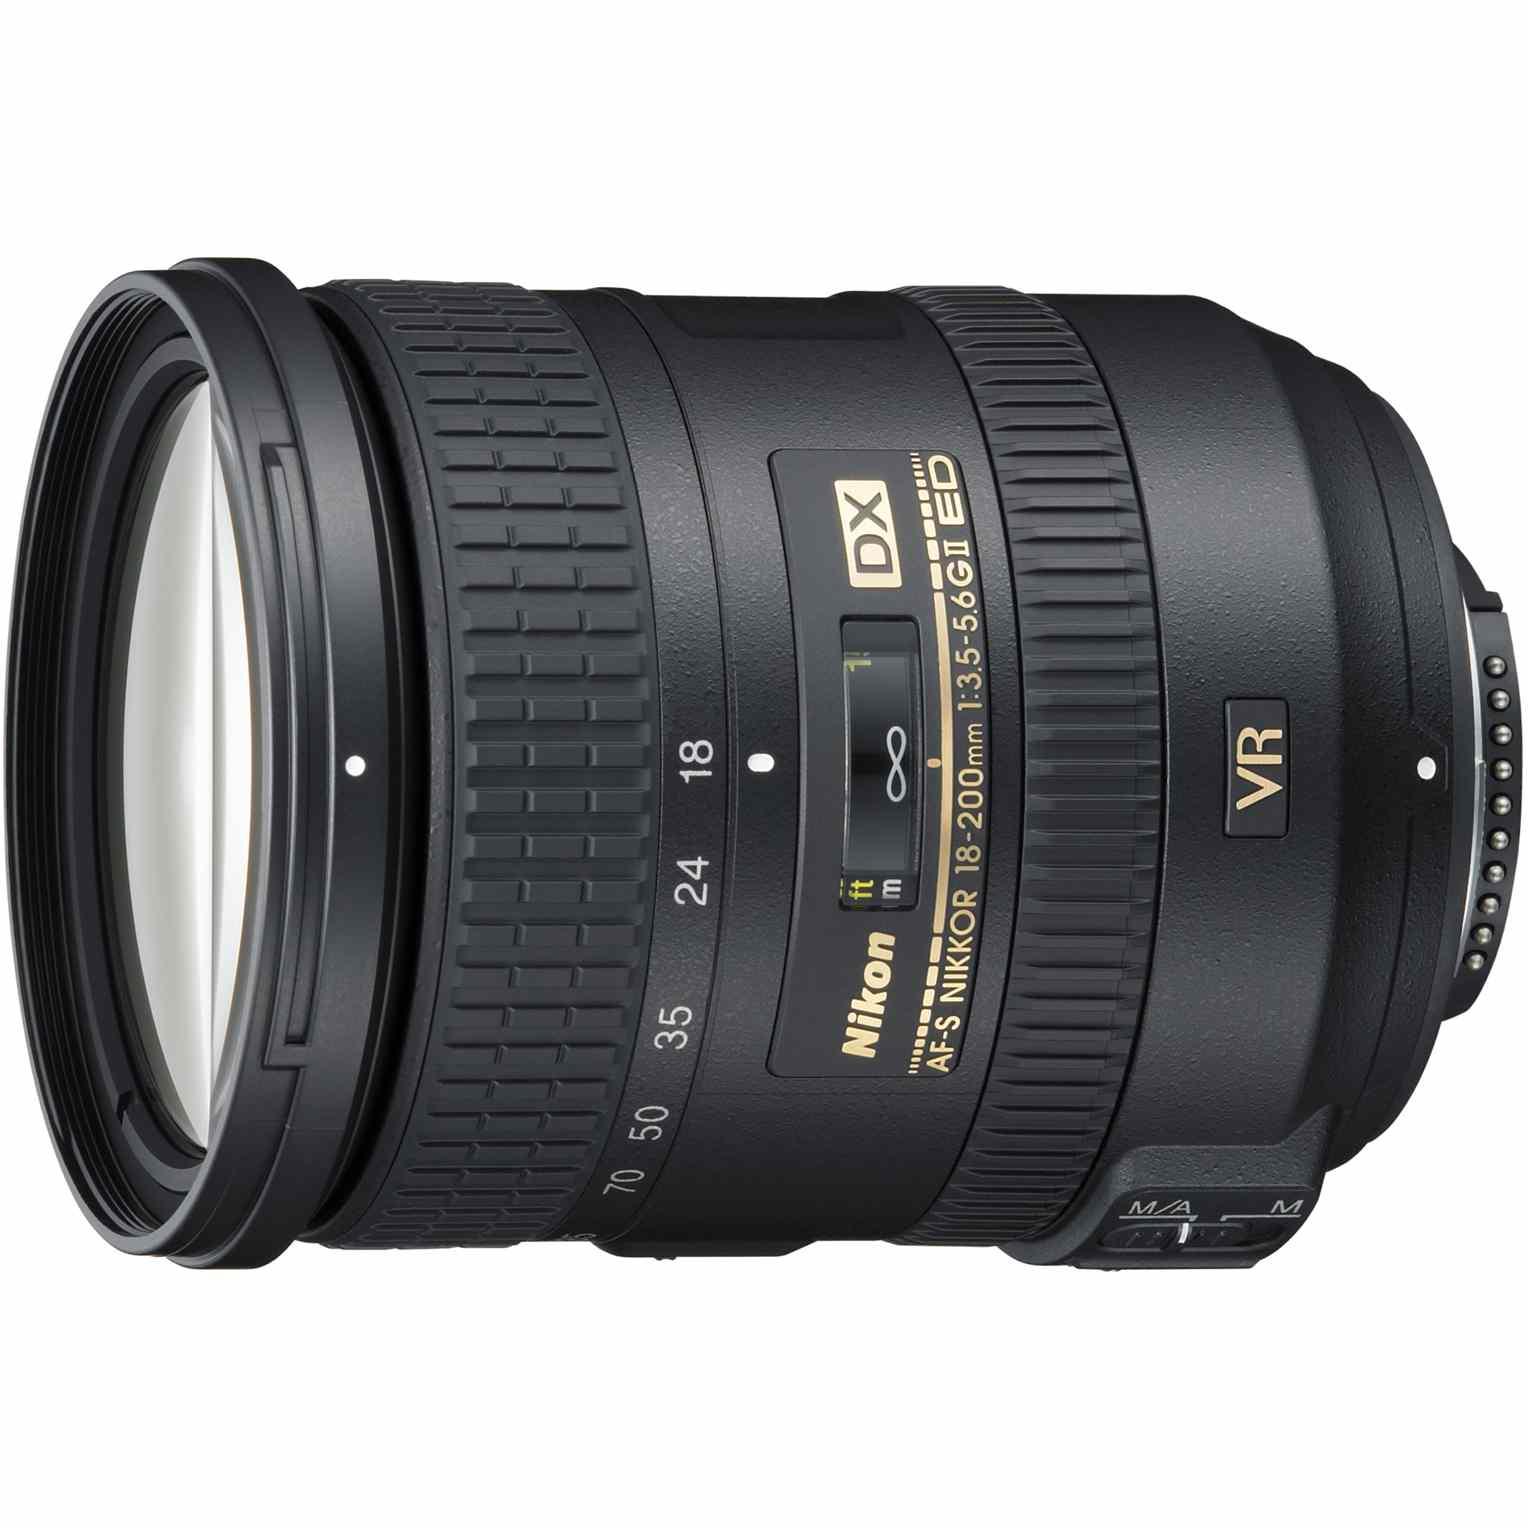 Fotografie Obiectiv Nikon 18-200mm f/3.5-5.6G AF-S DX ED VR II